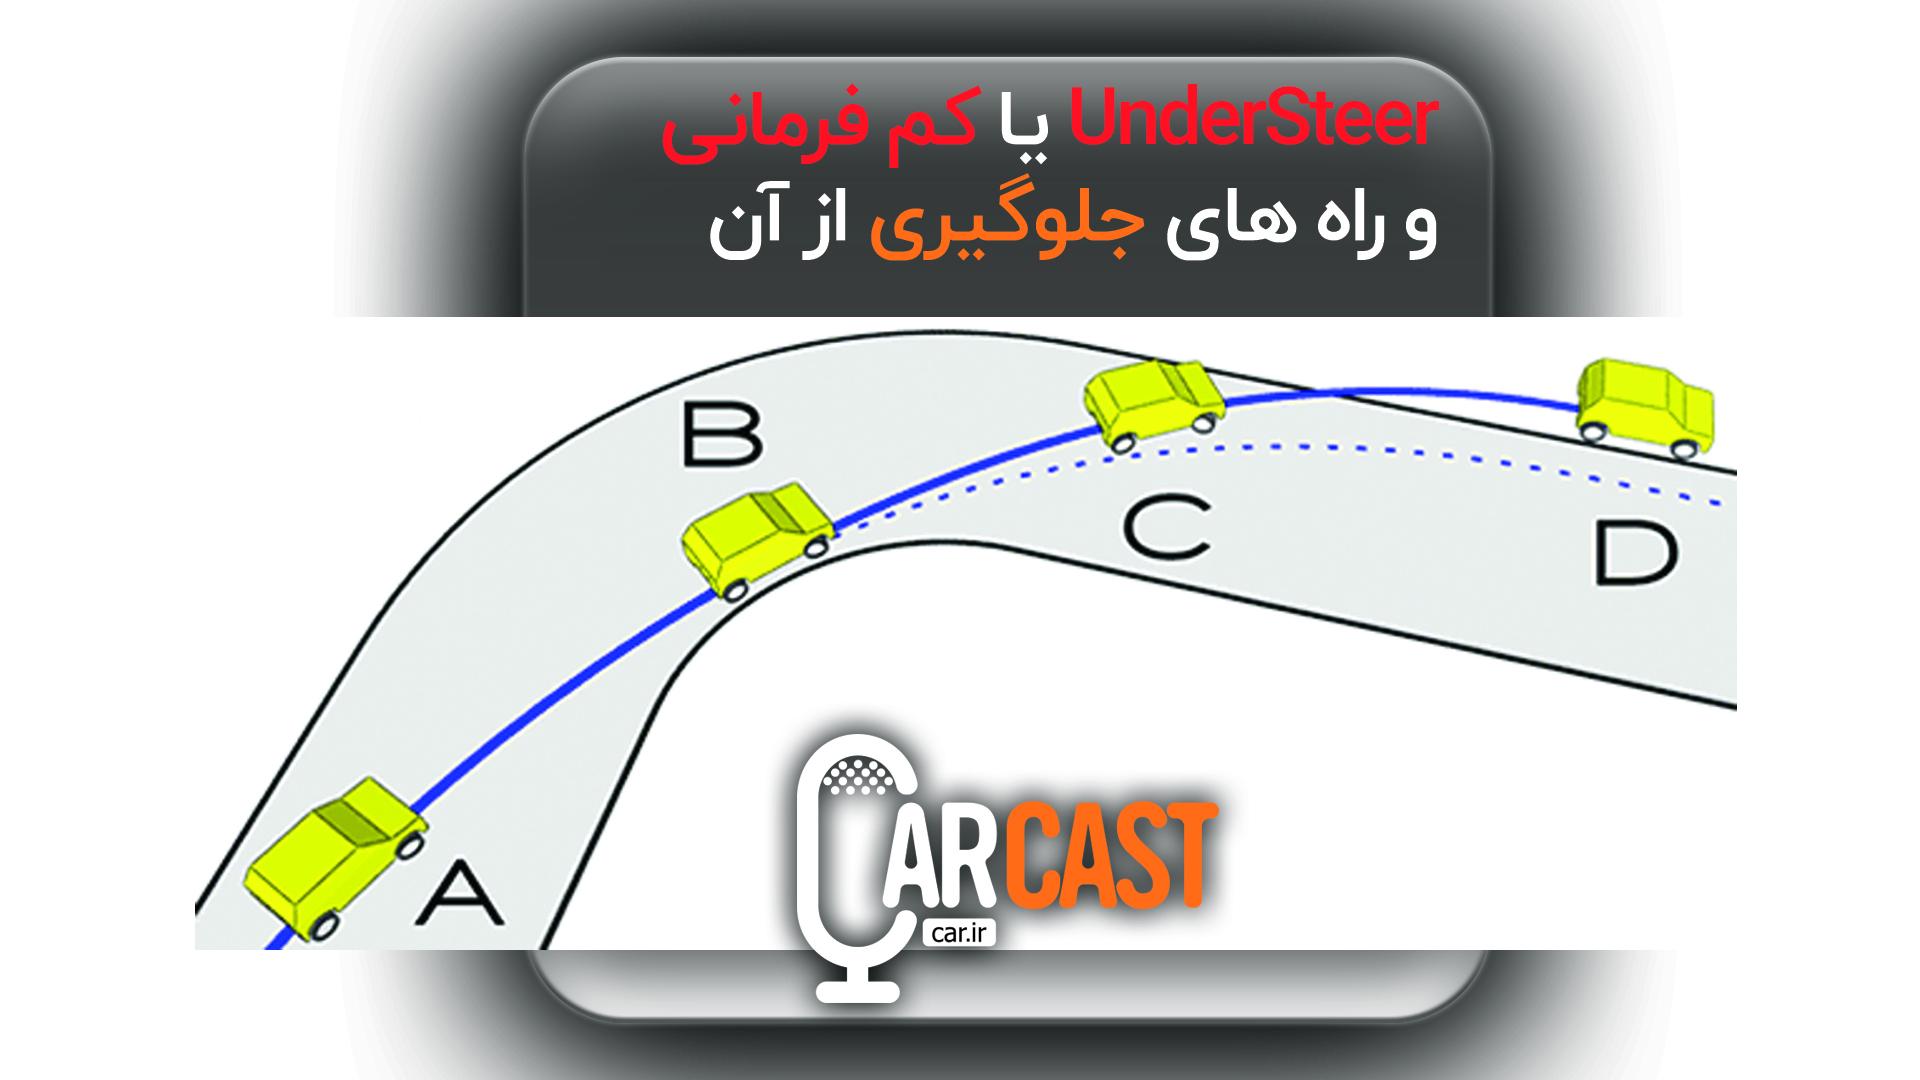 کارکست شماره 7: UnderSteer / کم فرمانی